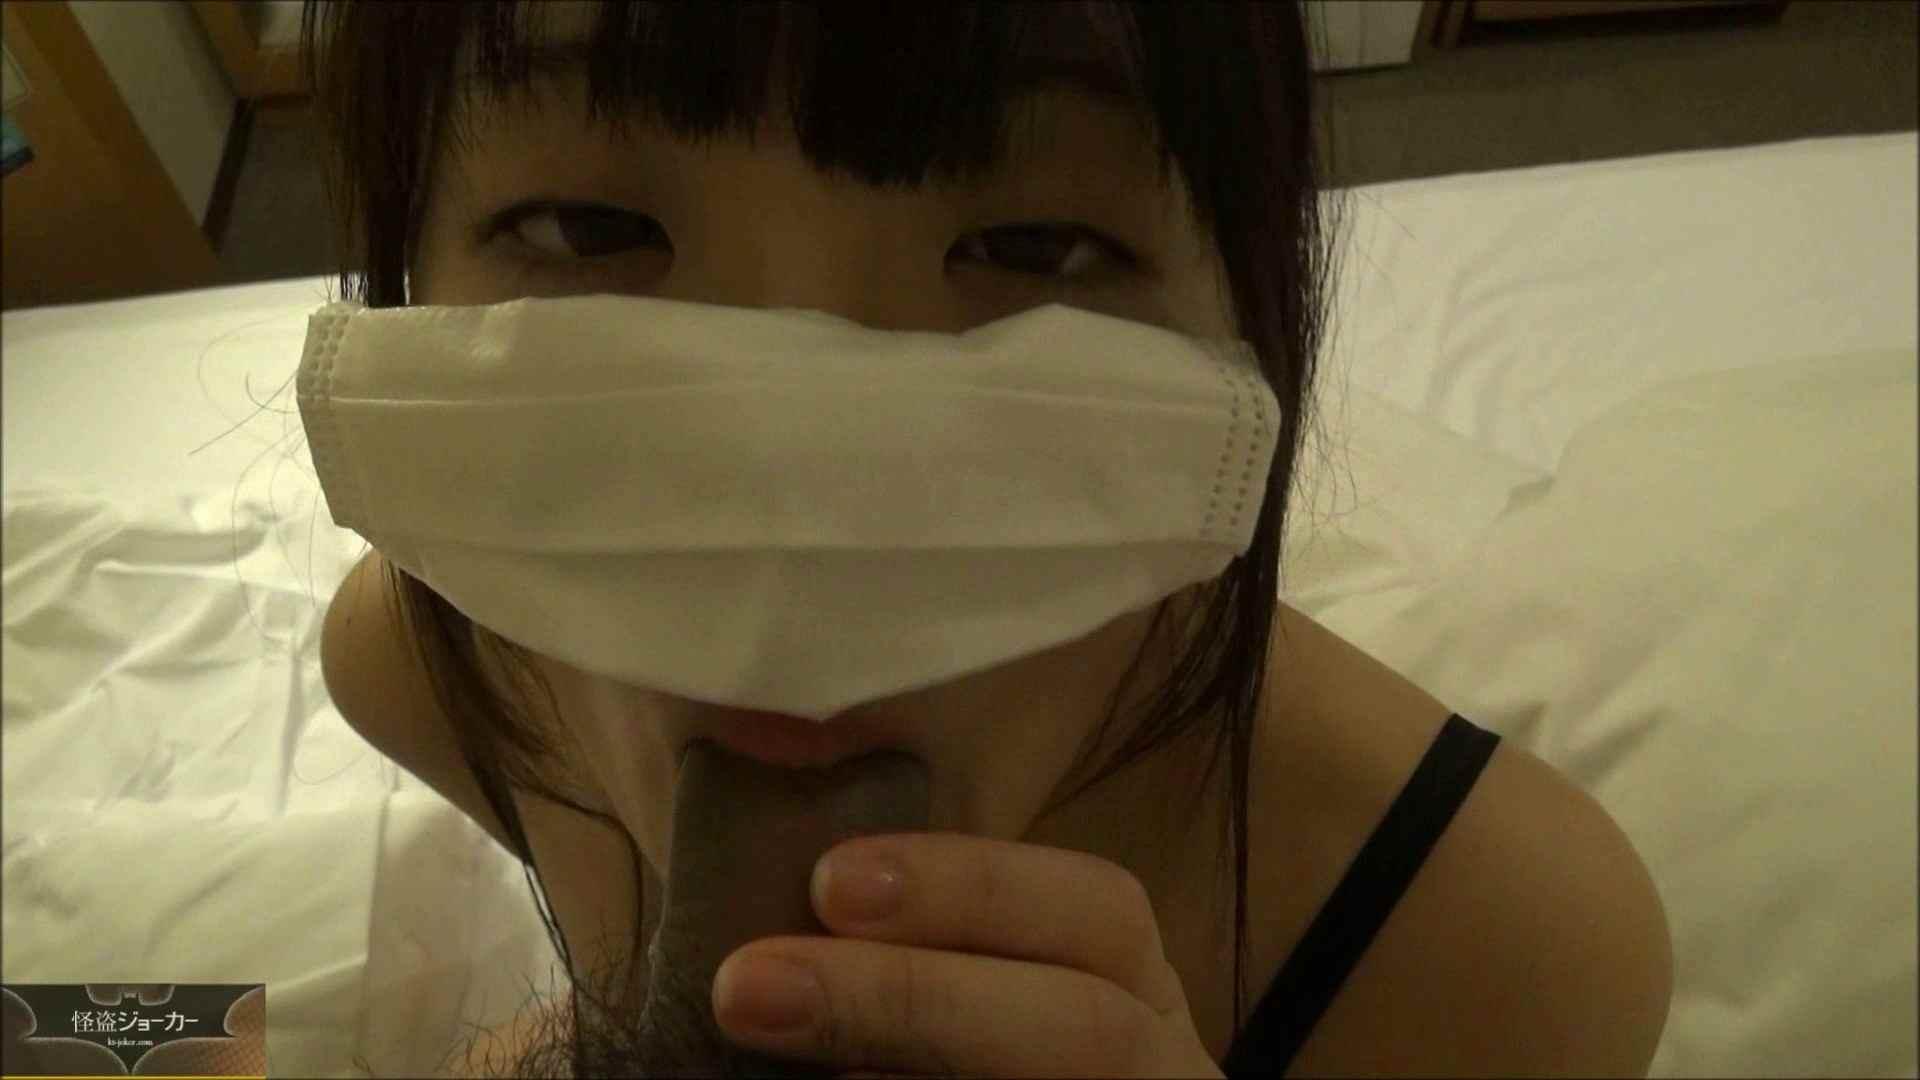 【未公開】vol.79 {関東某有名お嬢様JD}yuunaちゃん③ お嬢様 | いじくりマンコ  96画像 15